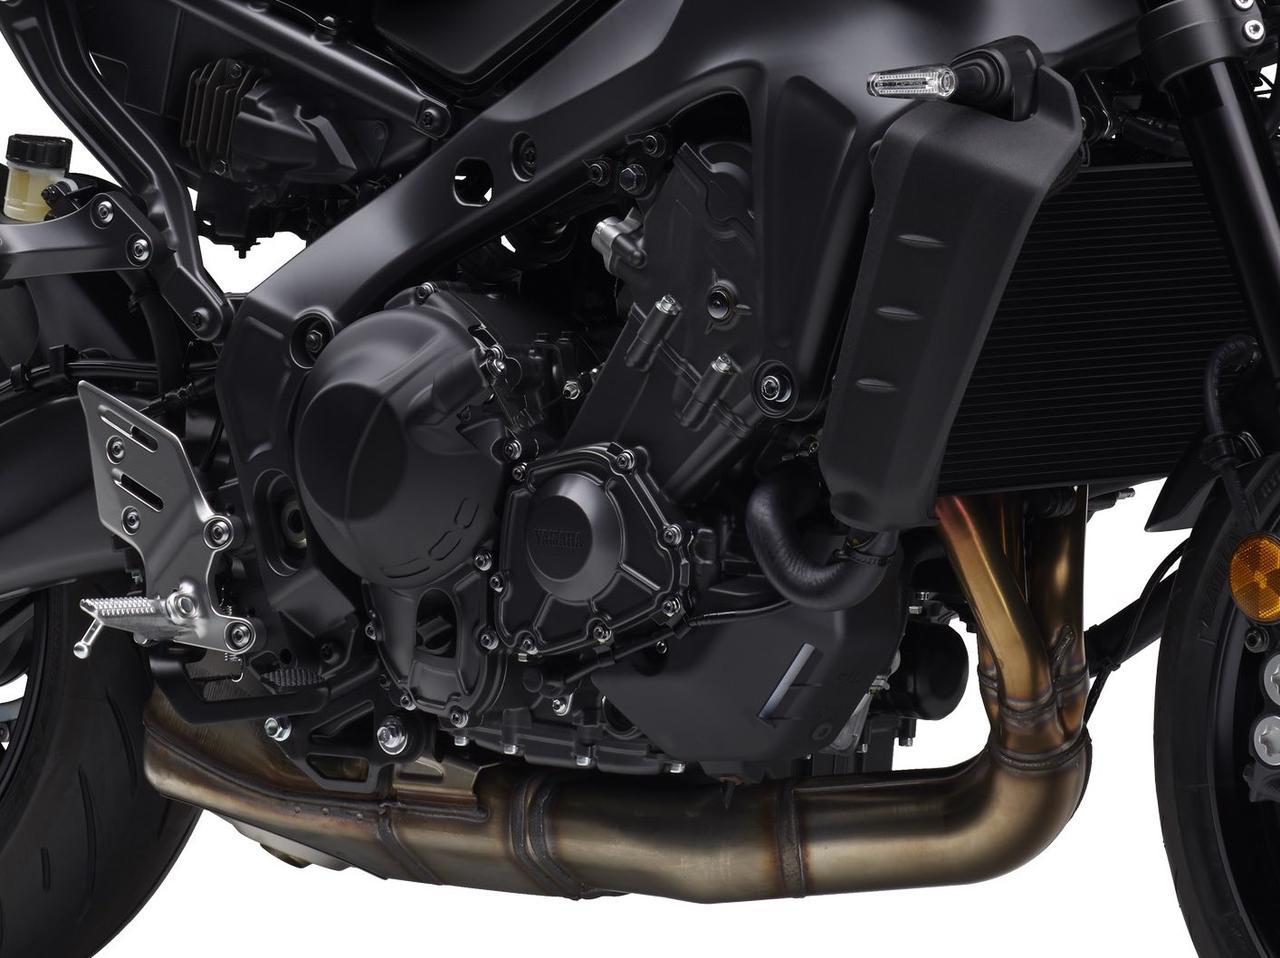 ヤマハが新型「MT-09 SP」を発売! 2021年型はフルモデルチェンジを遂げ、排気量アップ&新装備を多数採用